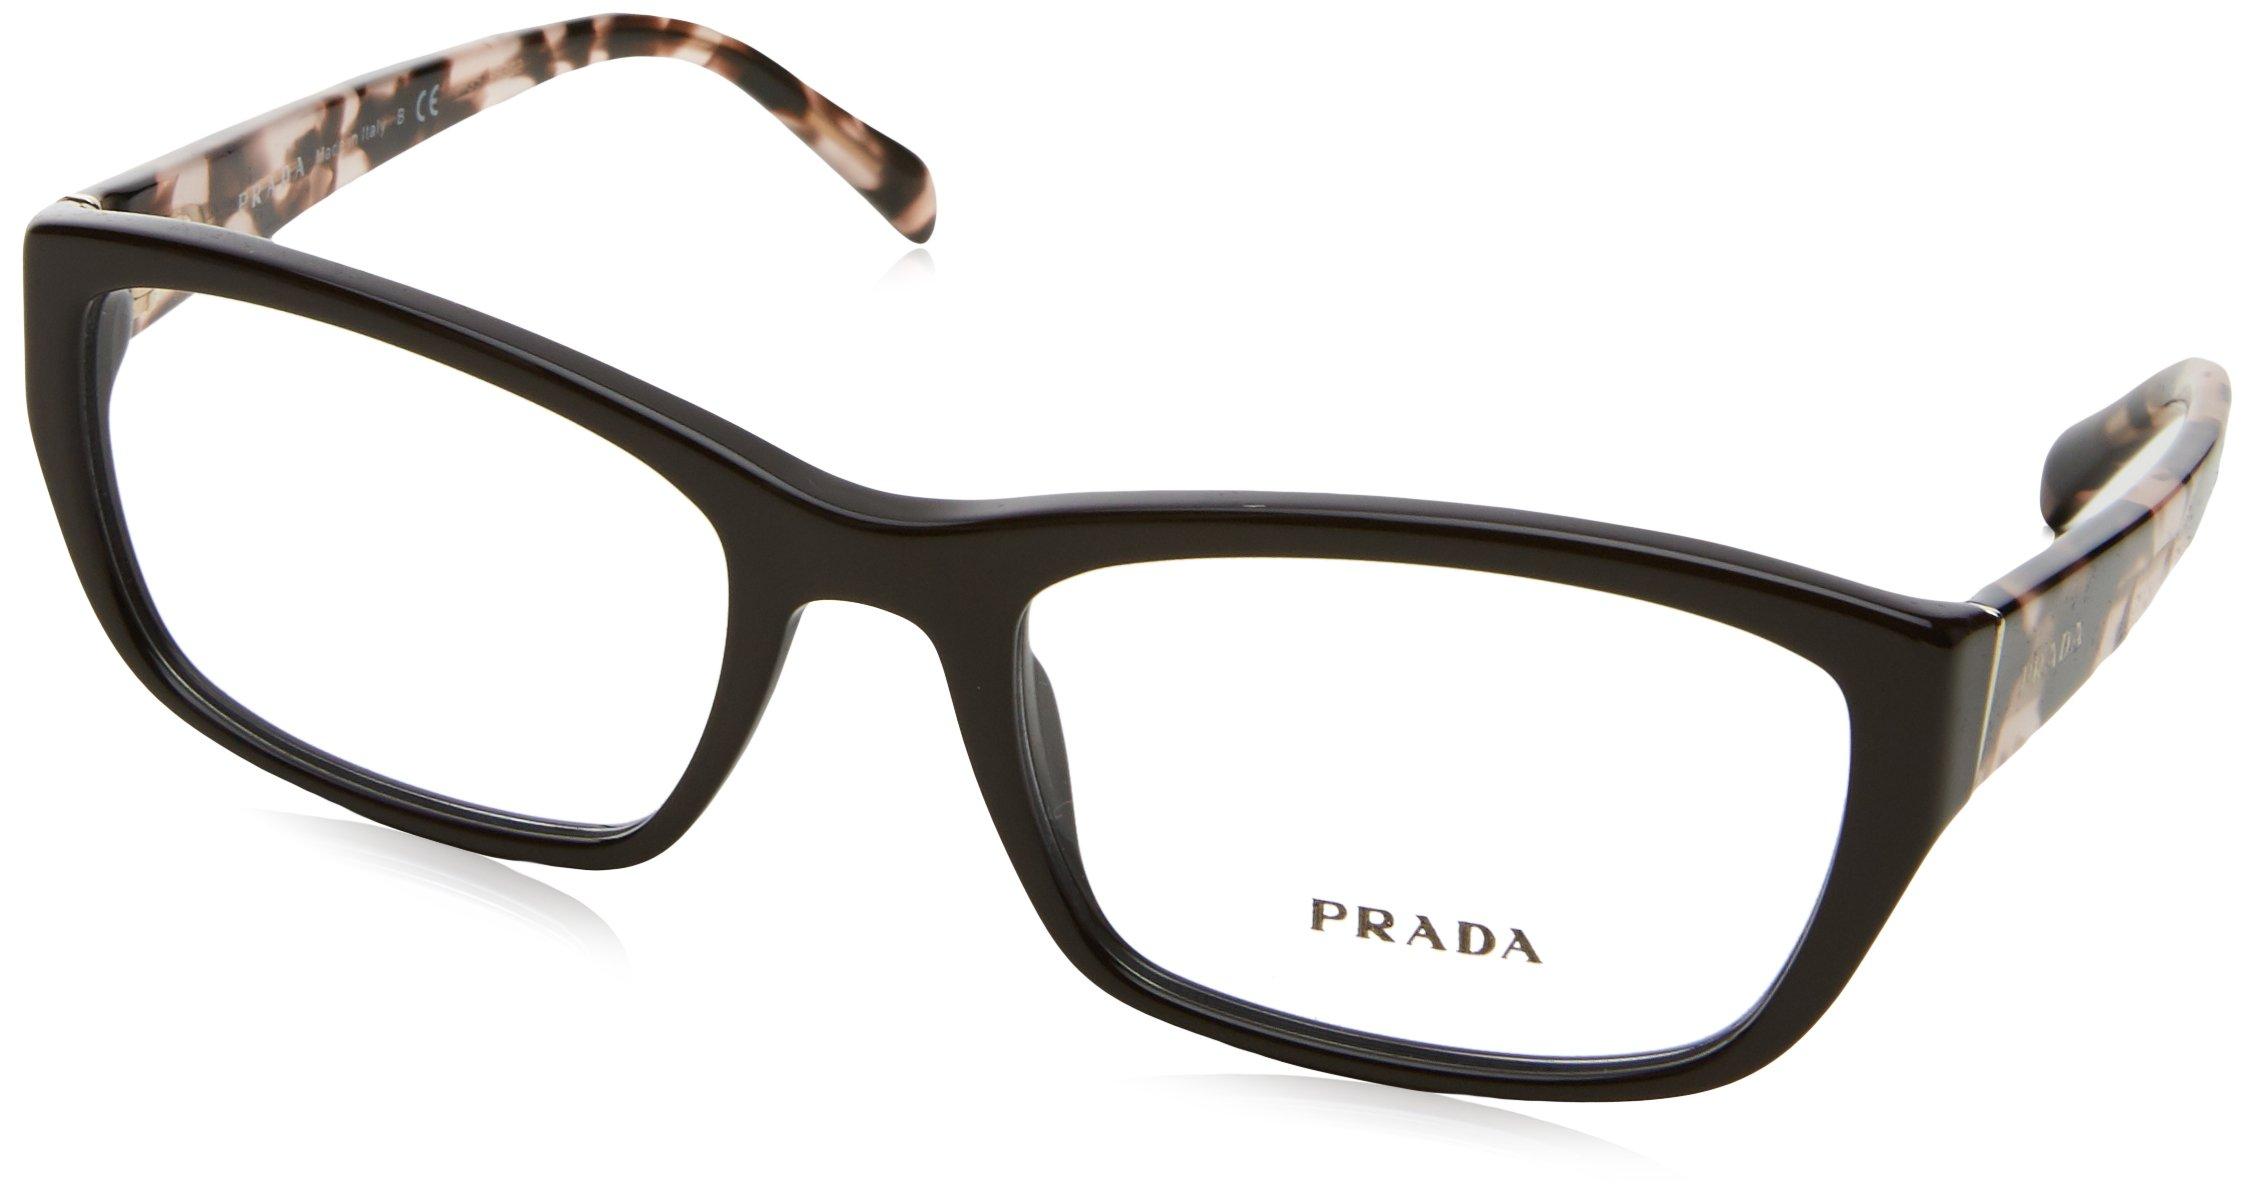 Prada PR18OV Eyeglass Frames DHO1O1-52 - Dark Brown PR18OV-DHO1O1-52